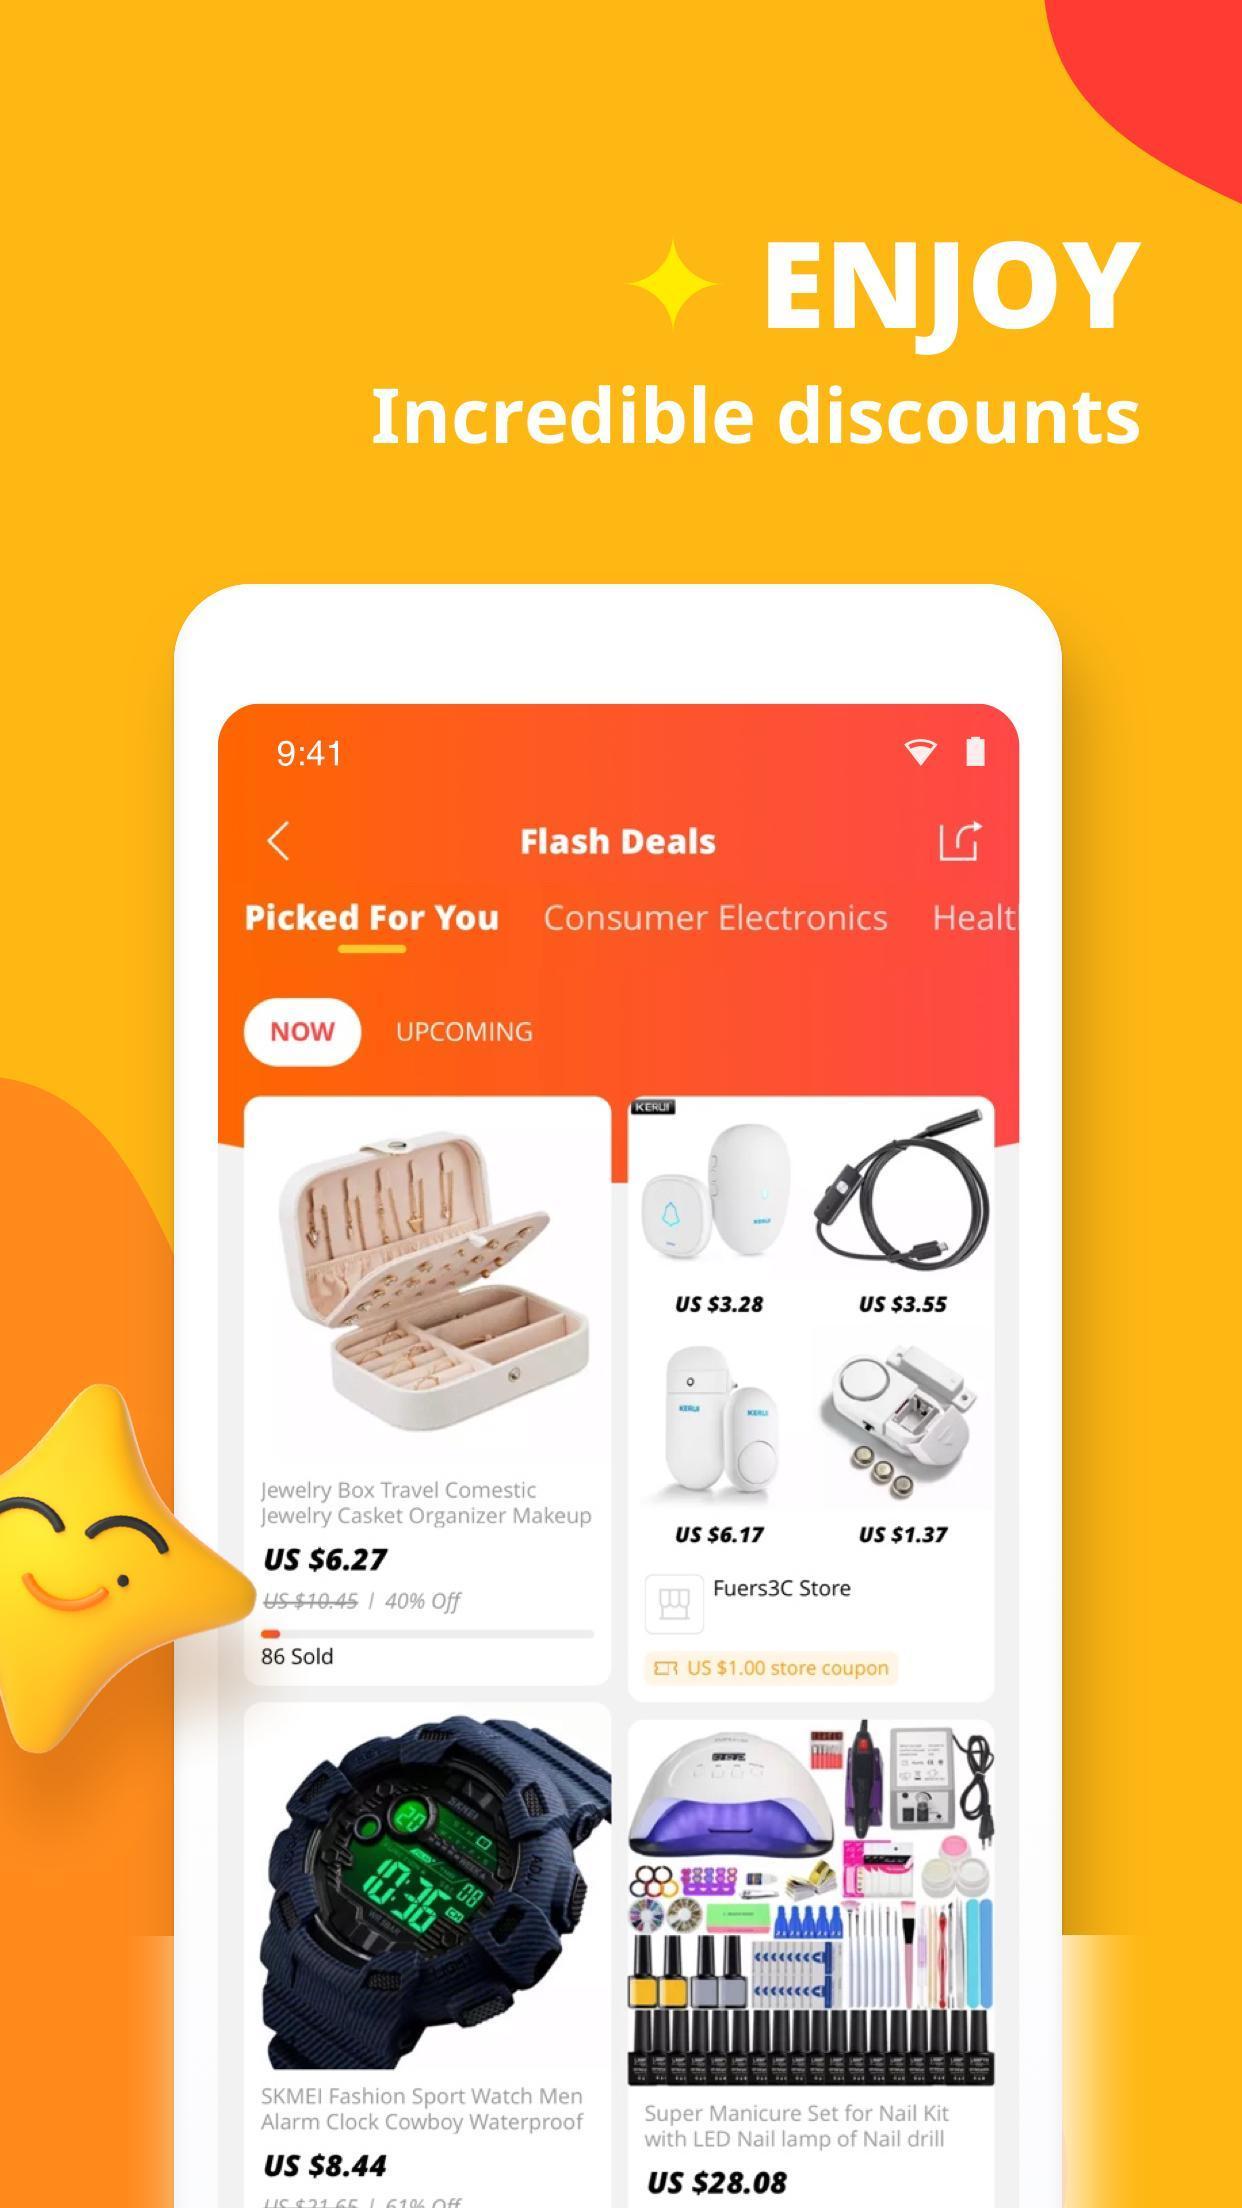 AliExpress Smarter Shopping, Better Living 8.3.3 Screenshot 3